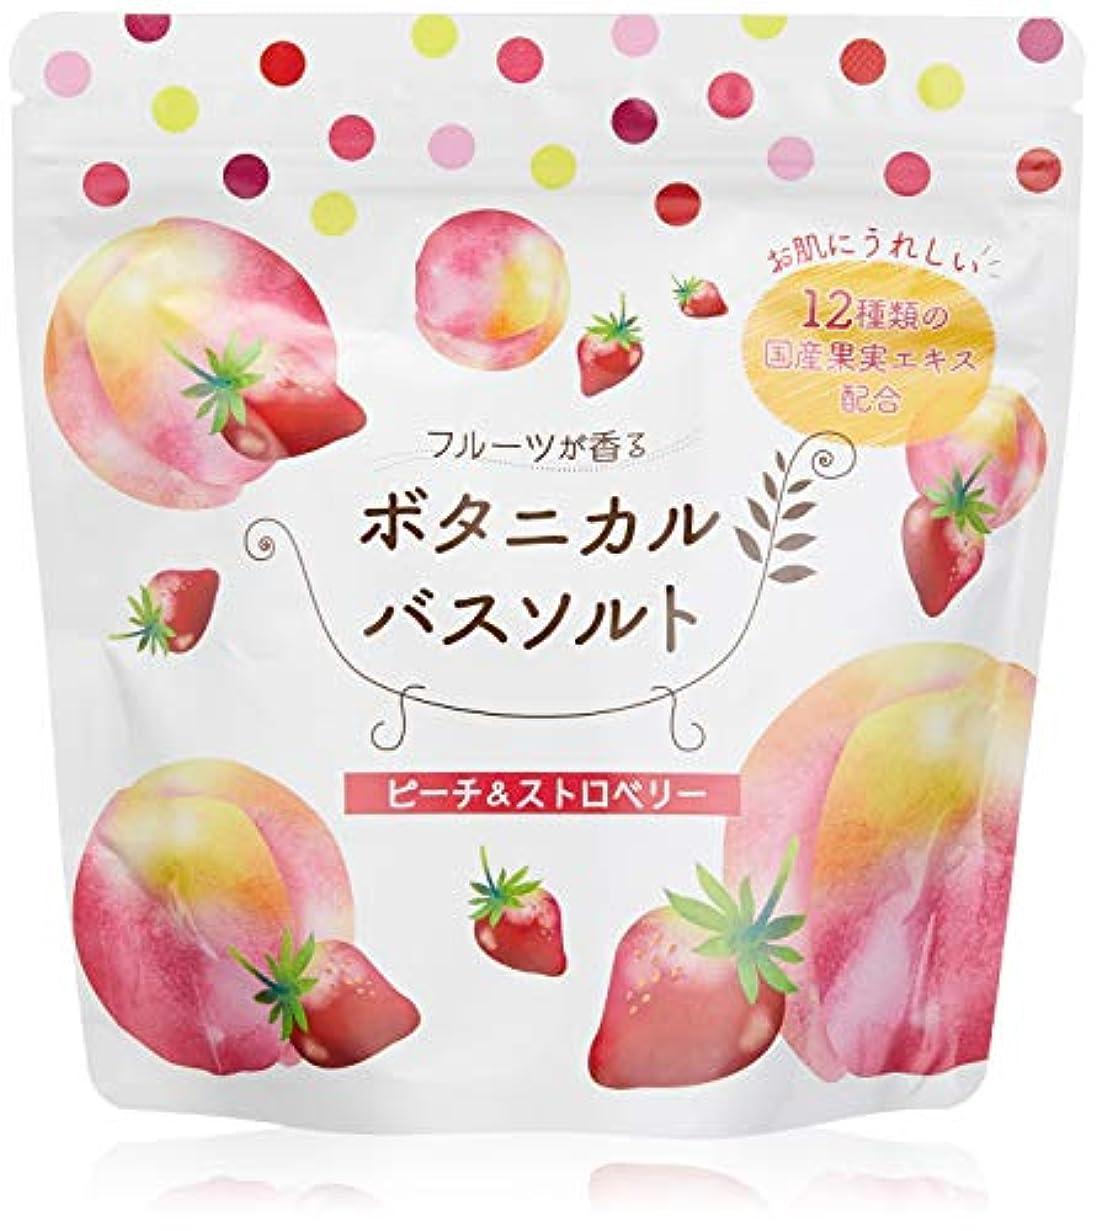 まどろみのあるパントリー初心者松田医薬品 フルーツが香るボタニカルバスソルト 入浴剤 ピーチ ストロベリー 450g